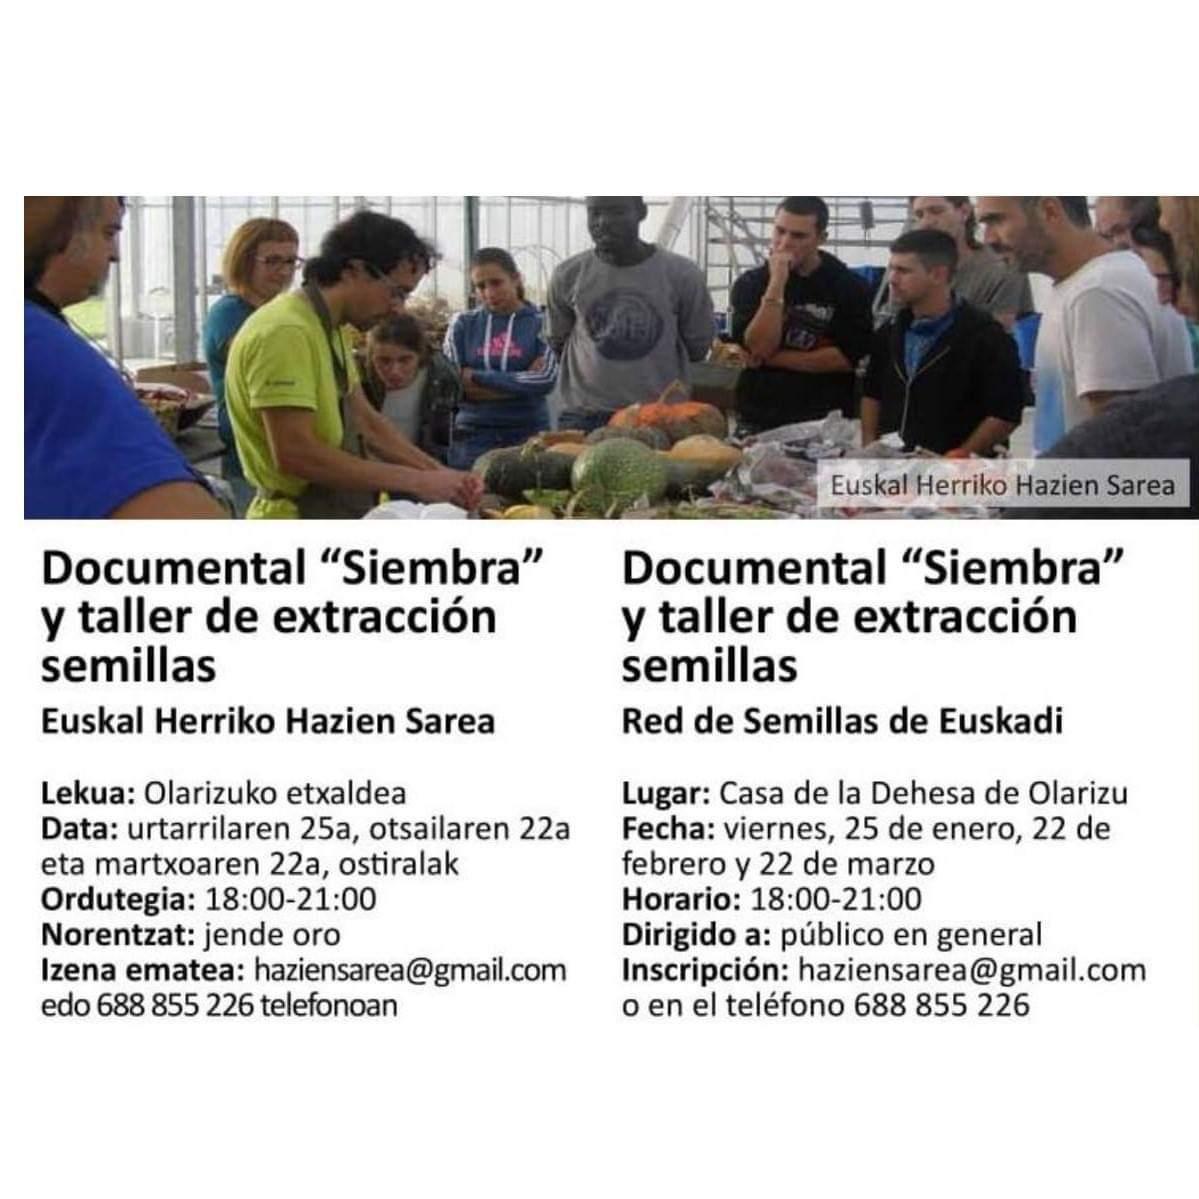 Documental Siembra y taller de extracción de semillas